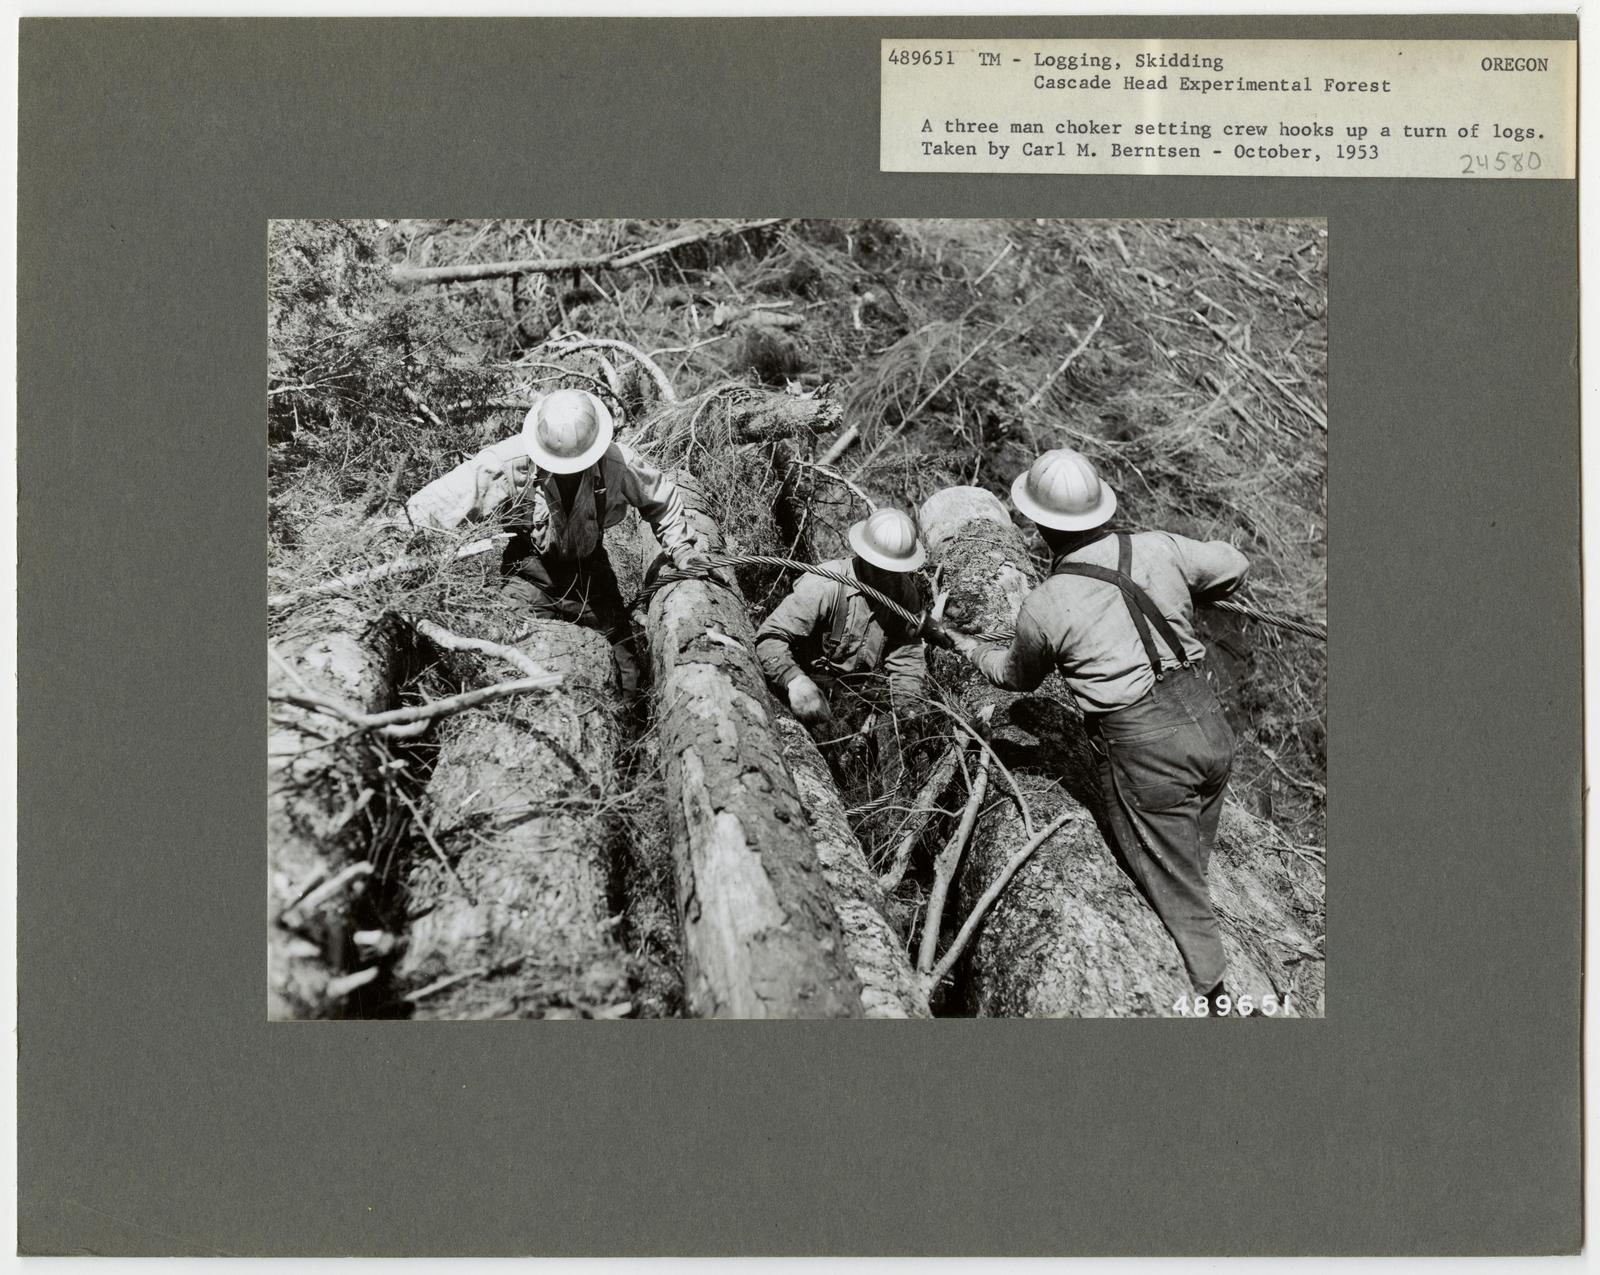 Logging: High Lead Log Skidding - Oregon